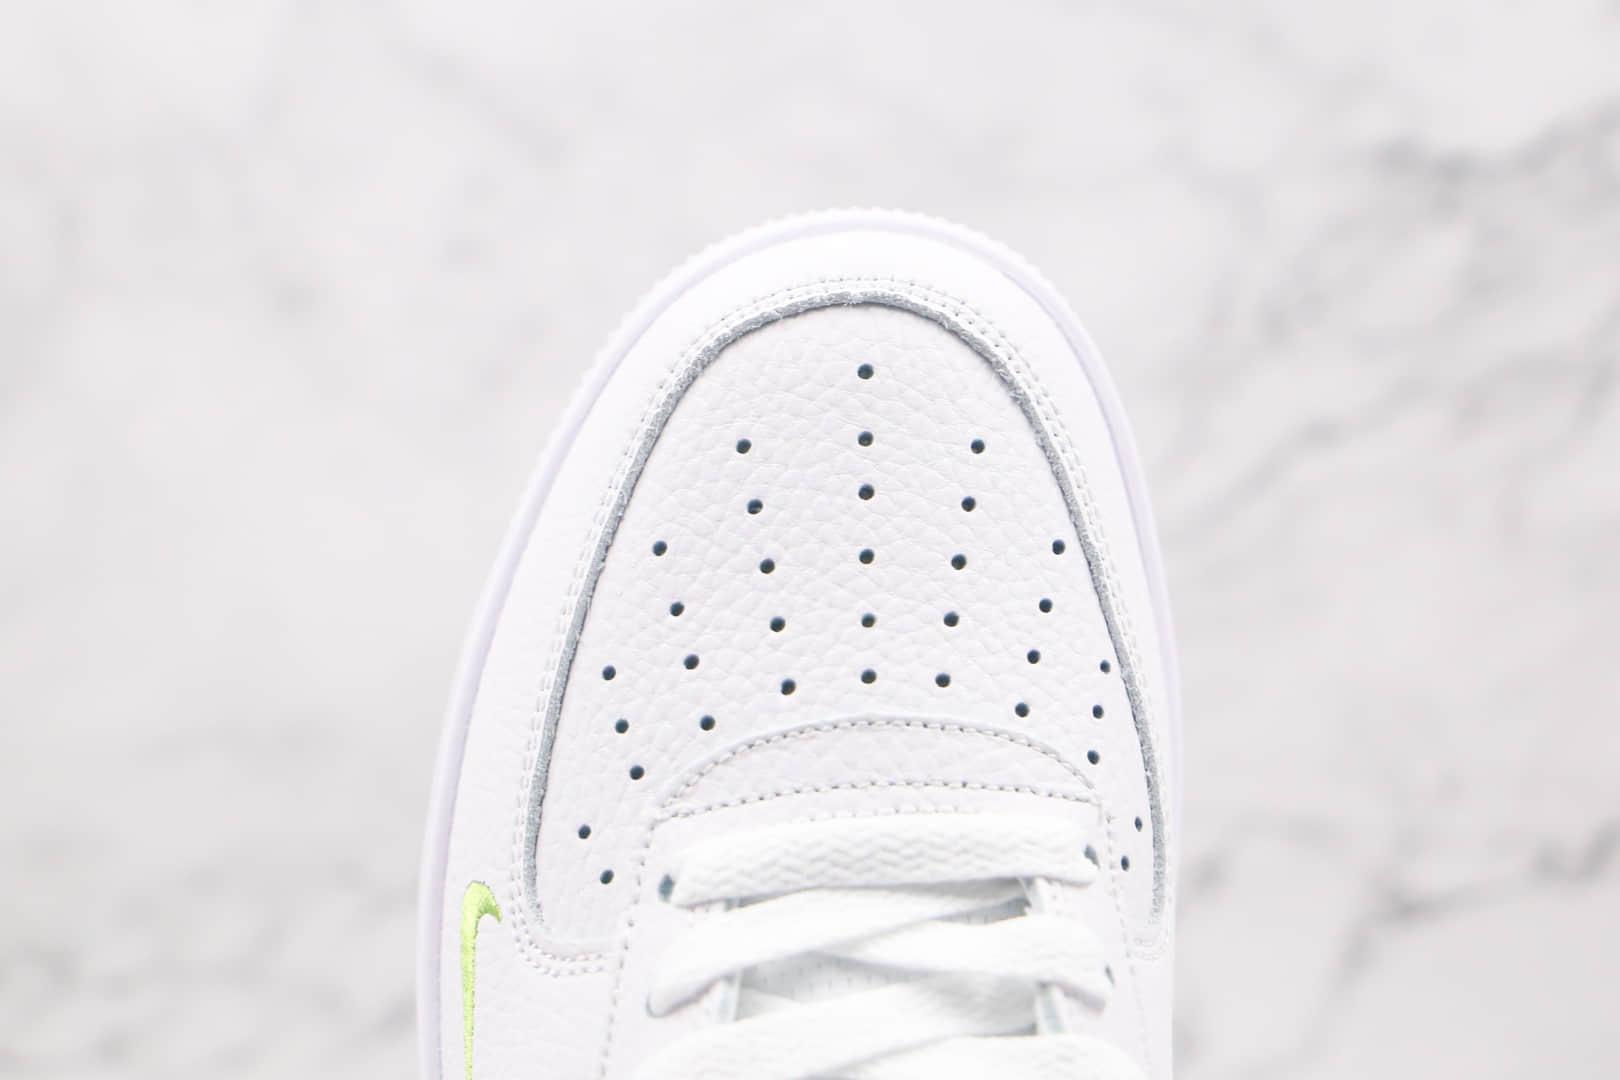 耐克Nike Air Force 1 Low纯原版本低帮空军一号蓝绿断勾板鞋原盒原标原鞋开模打造 货号:DJ6894-100